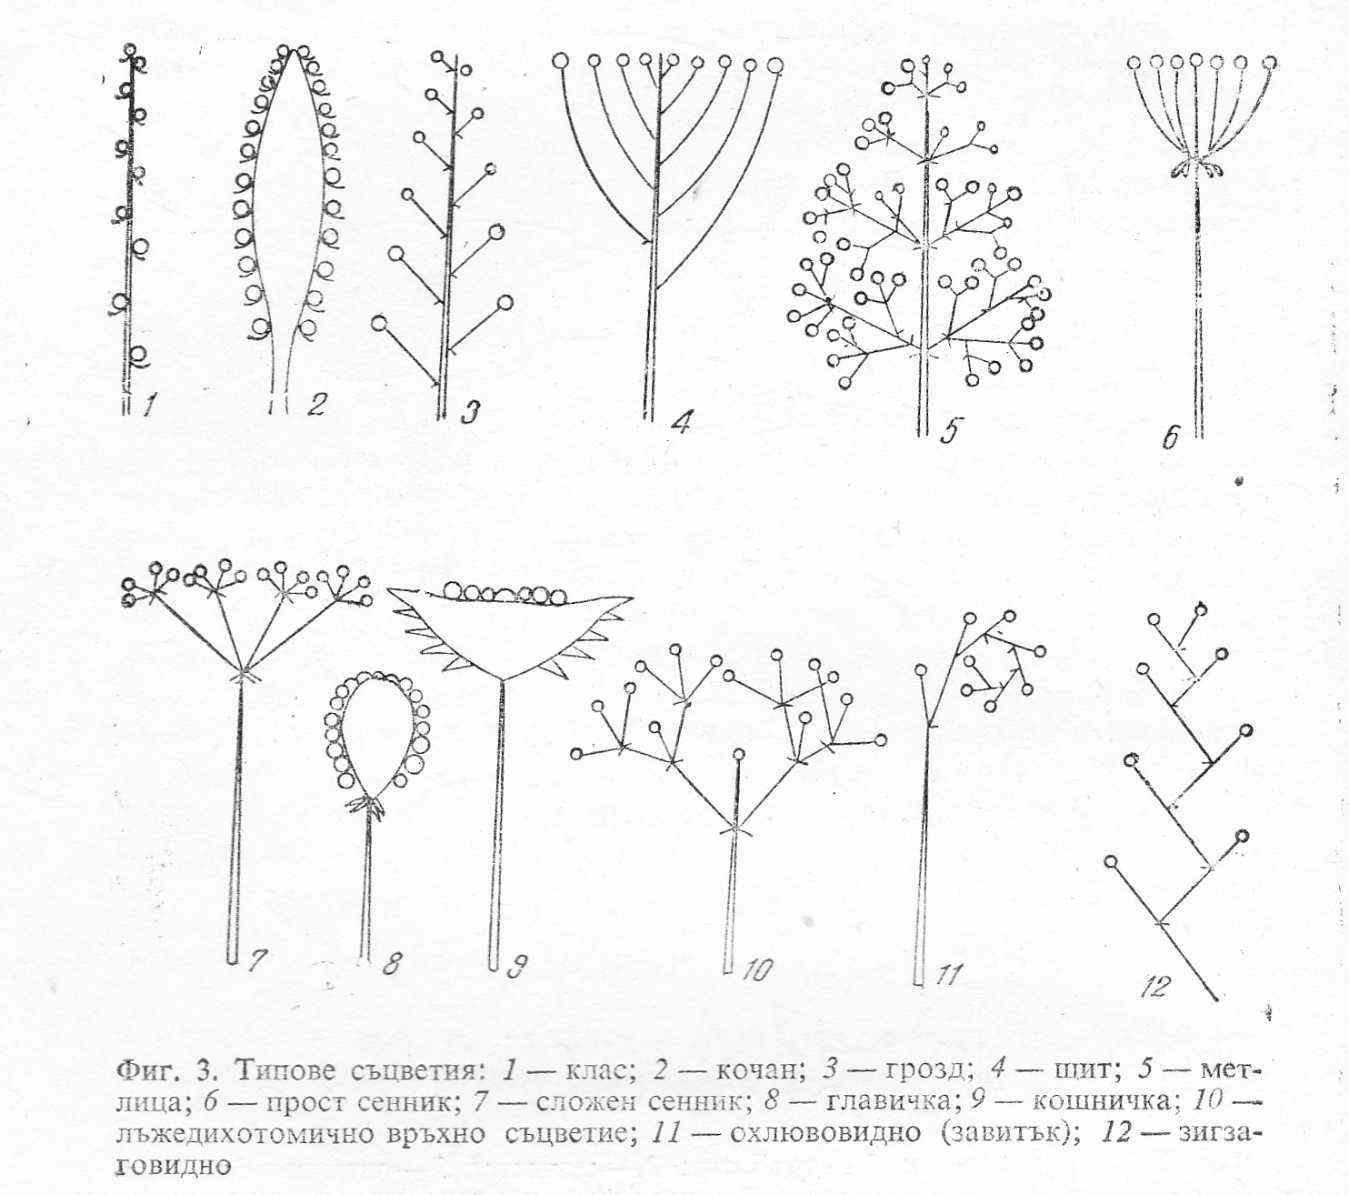 Типове съцветия